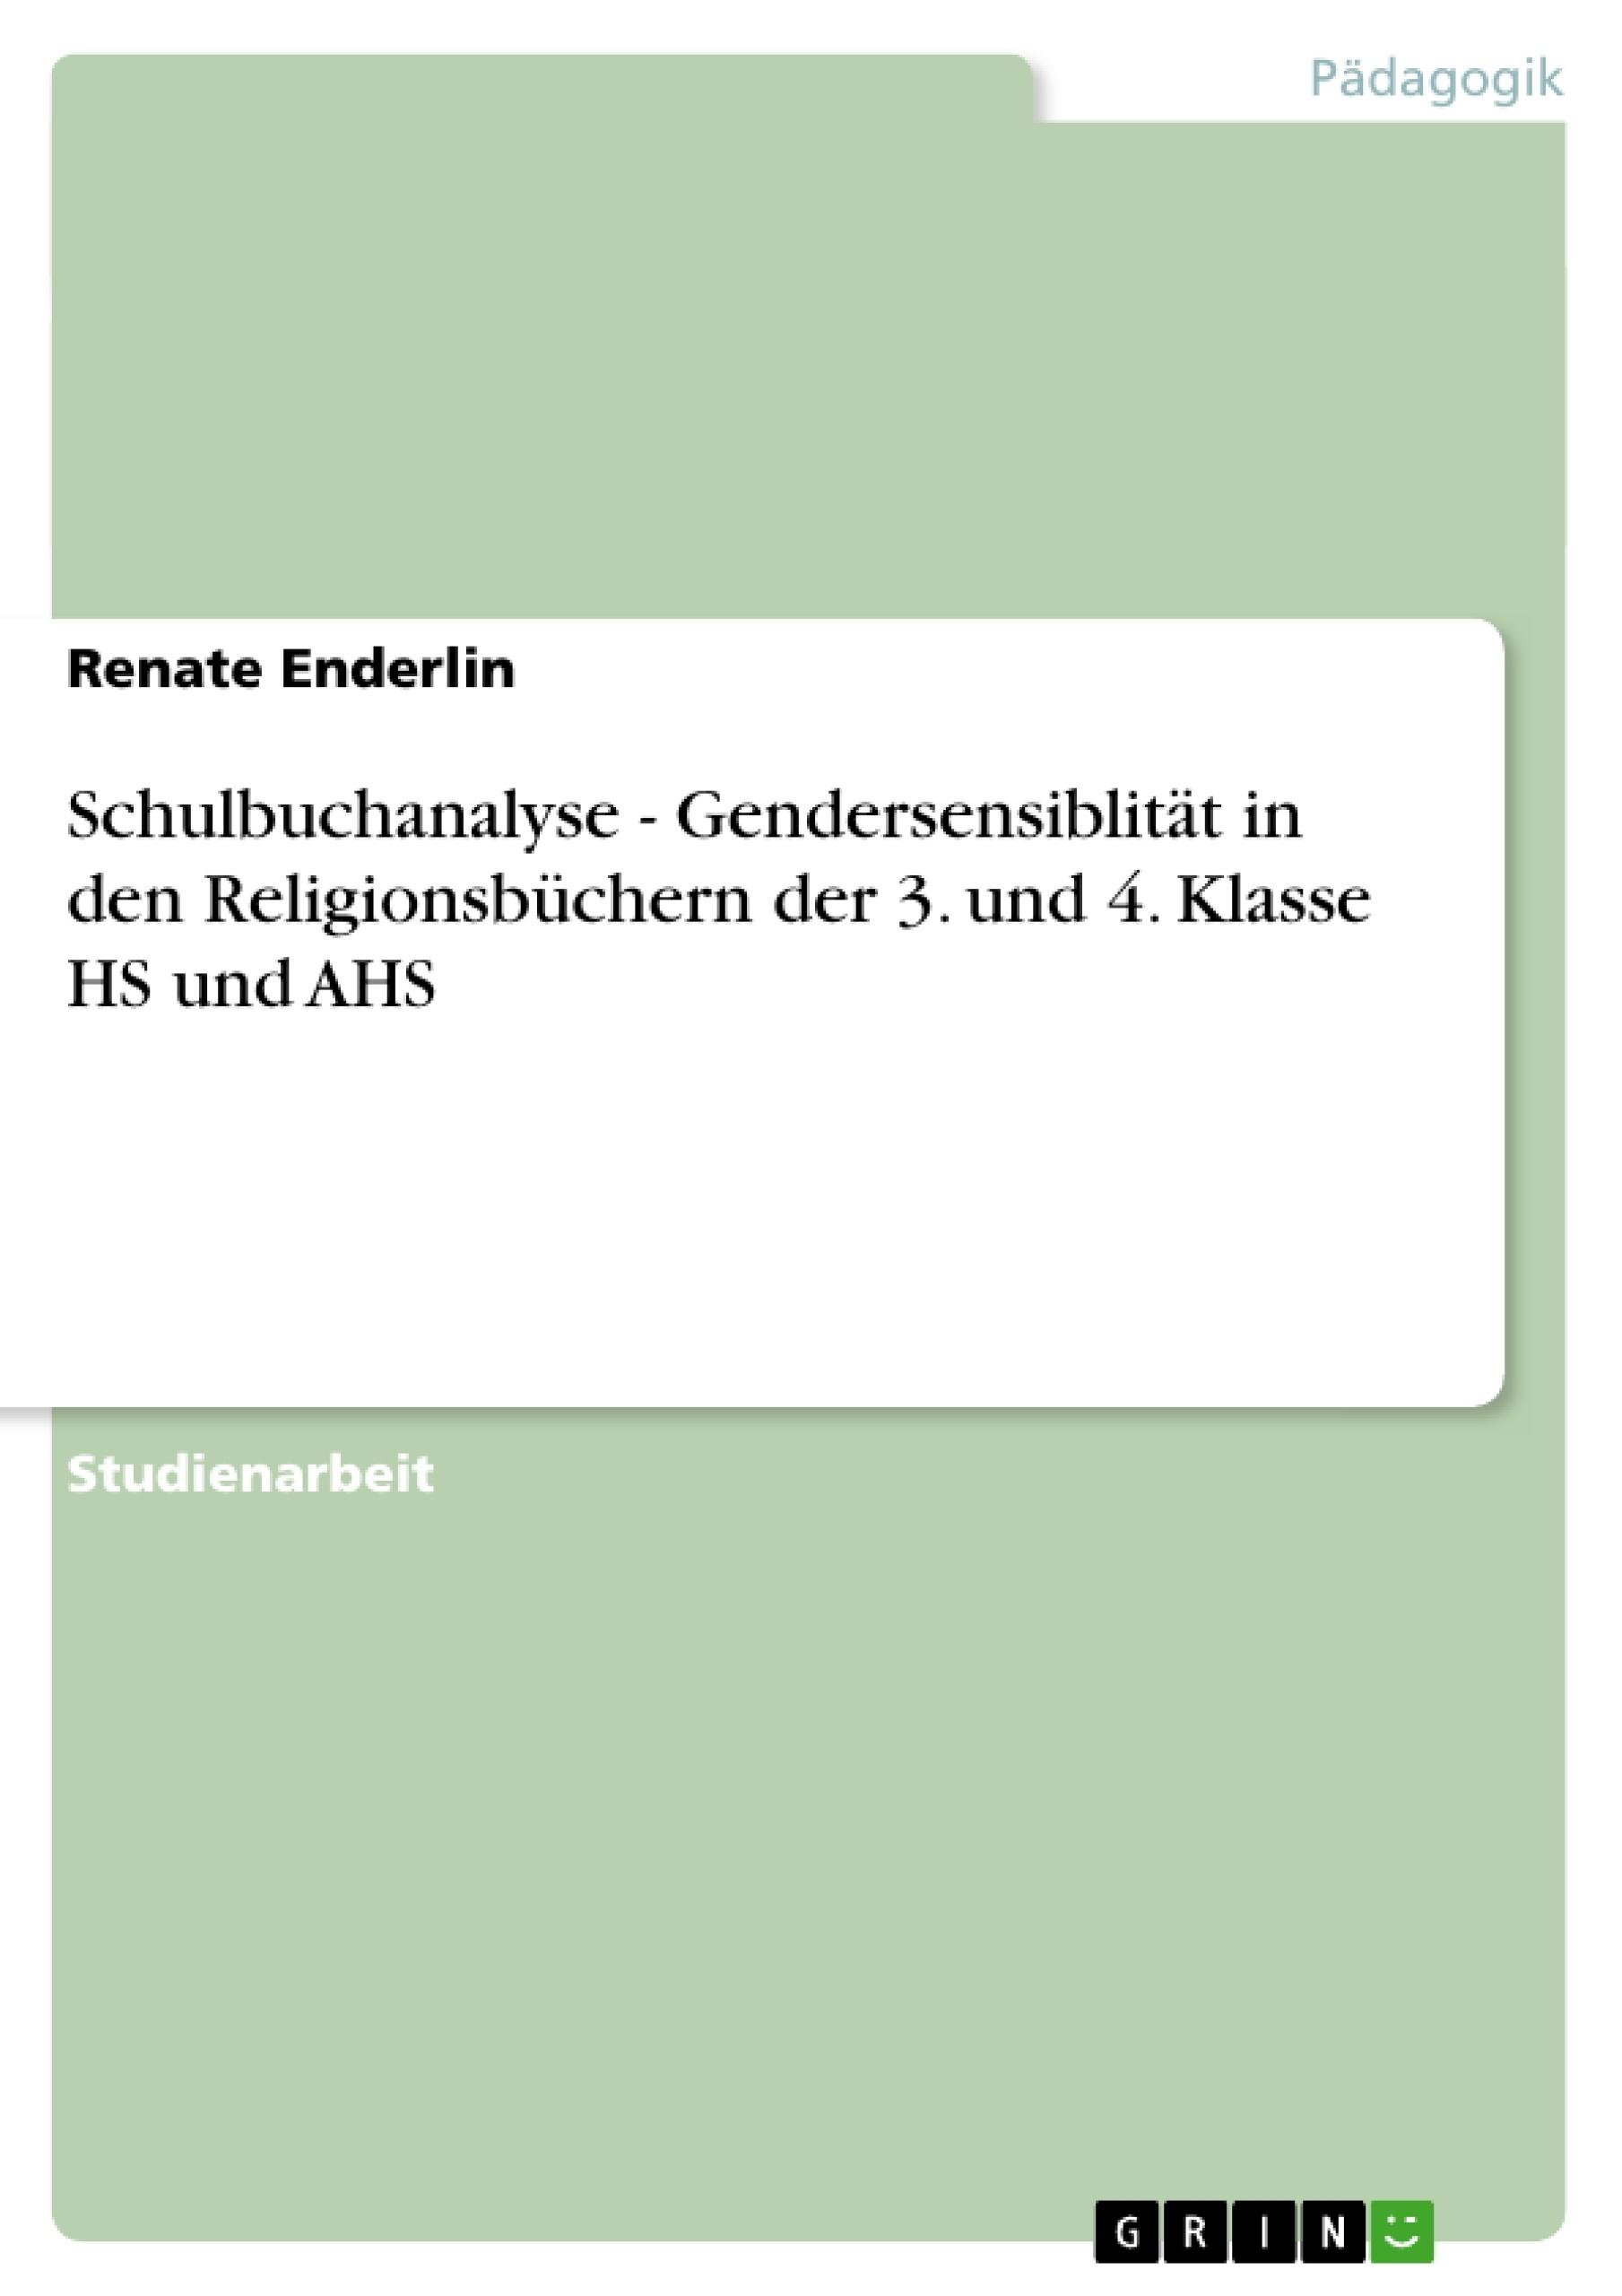 Titel: Schulbuchanalyse - Gendersensiblität in den Religionsbüchern der 3. und 4. Klasse HS und AHS